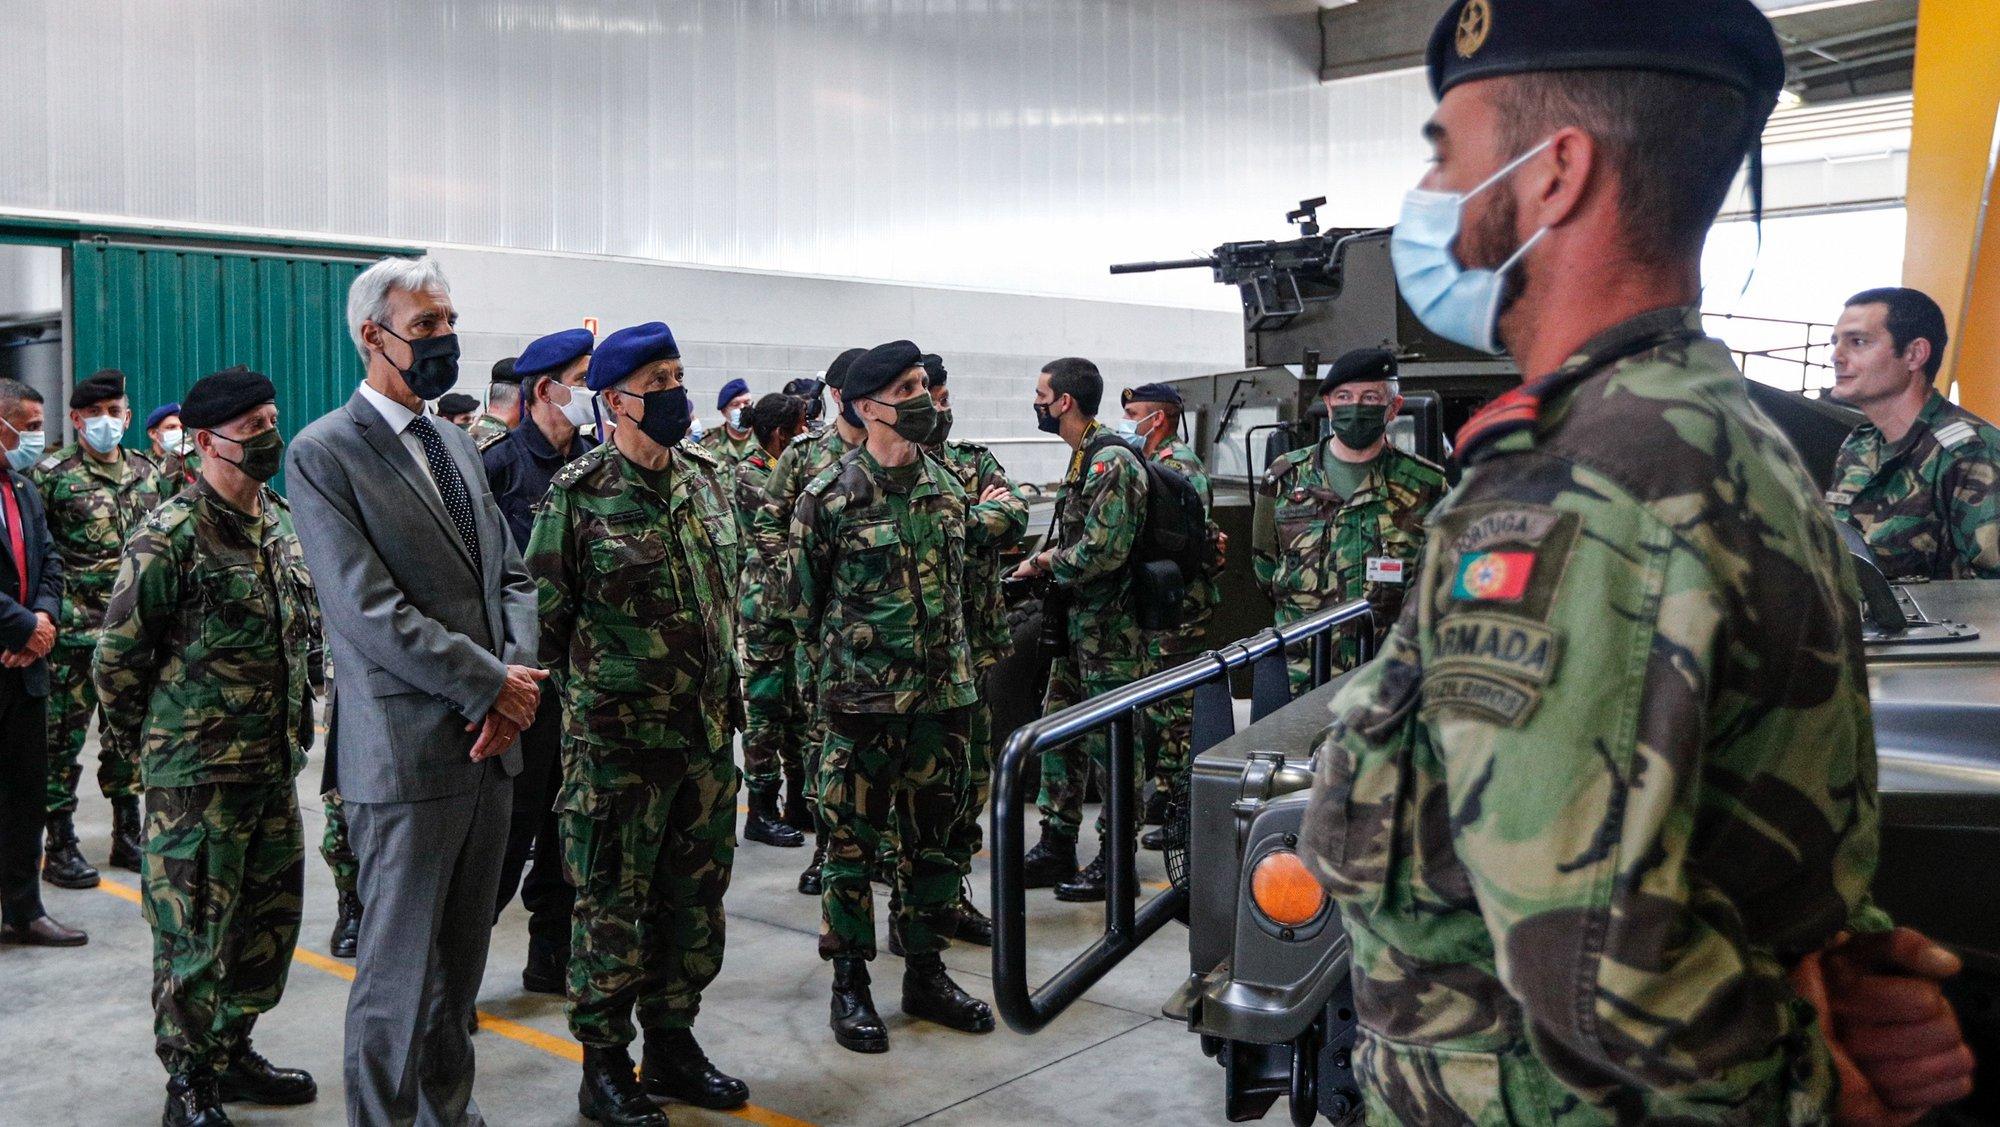 O ministro da Defesa Nacional, João Gomes Cravinho (E), durante a visita à Unidade de Apoio Geral de Material do Exército, em Alcochete, 16 de abril de 2021.ANTÓNIO COTRIM/LUSA